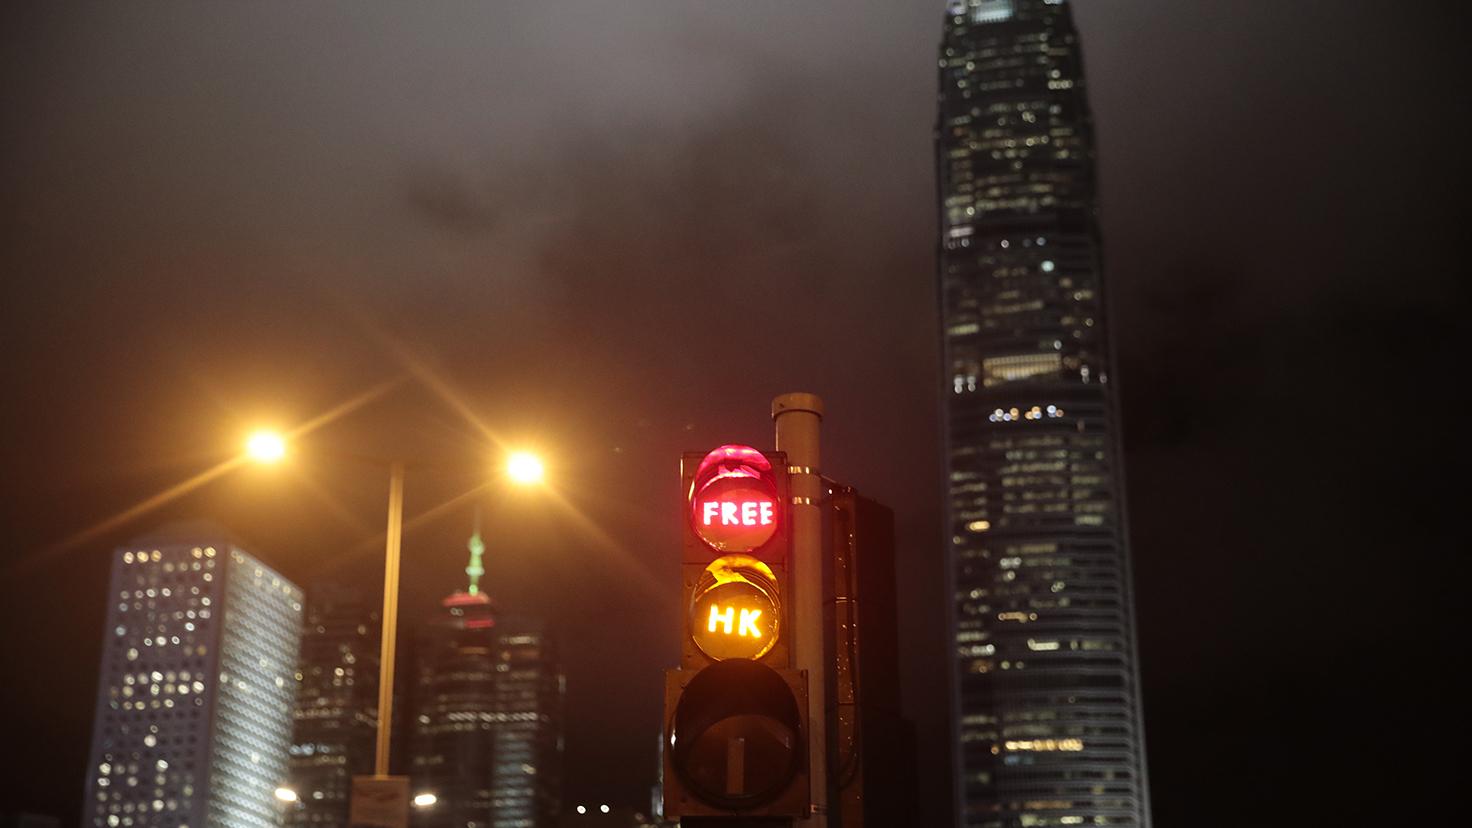 """2019年9月2日的香港抗议活动中,交通灯中打出""""香港自由""""(Free Hong Kong)的英文标志。(美联社)"""